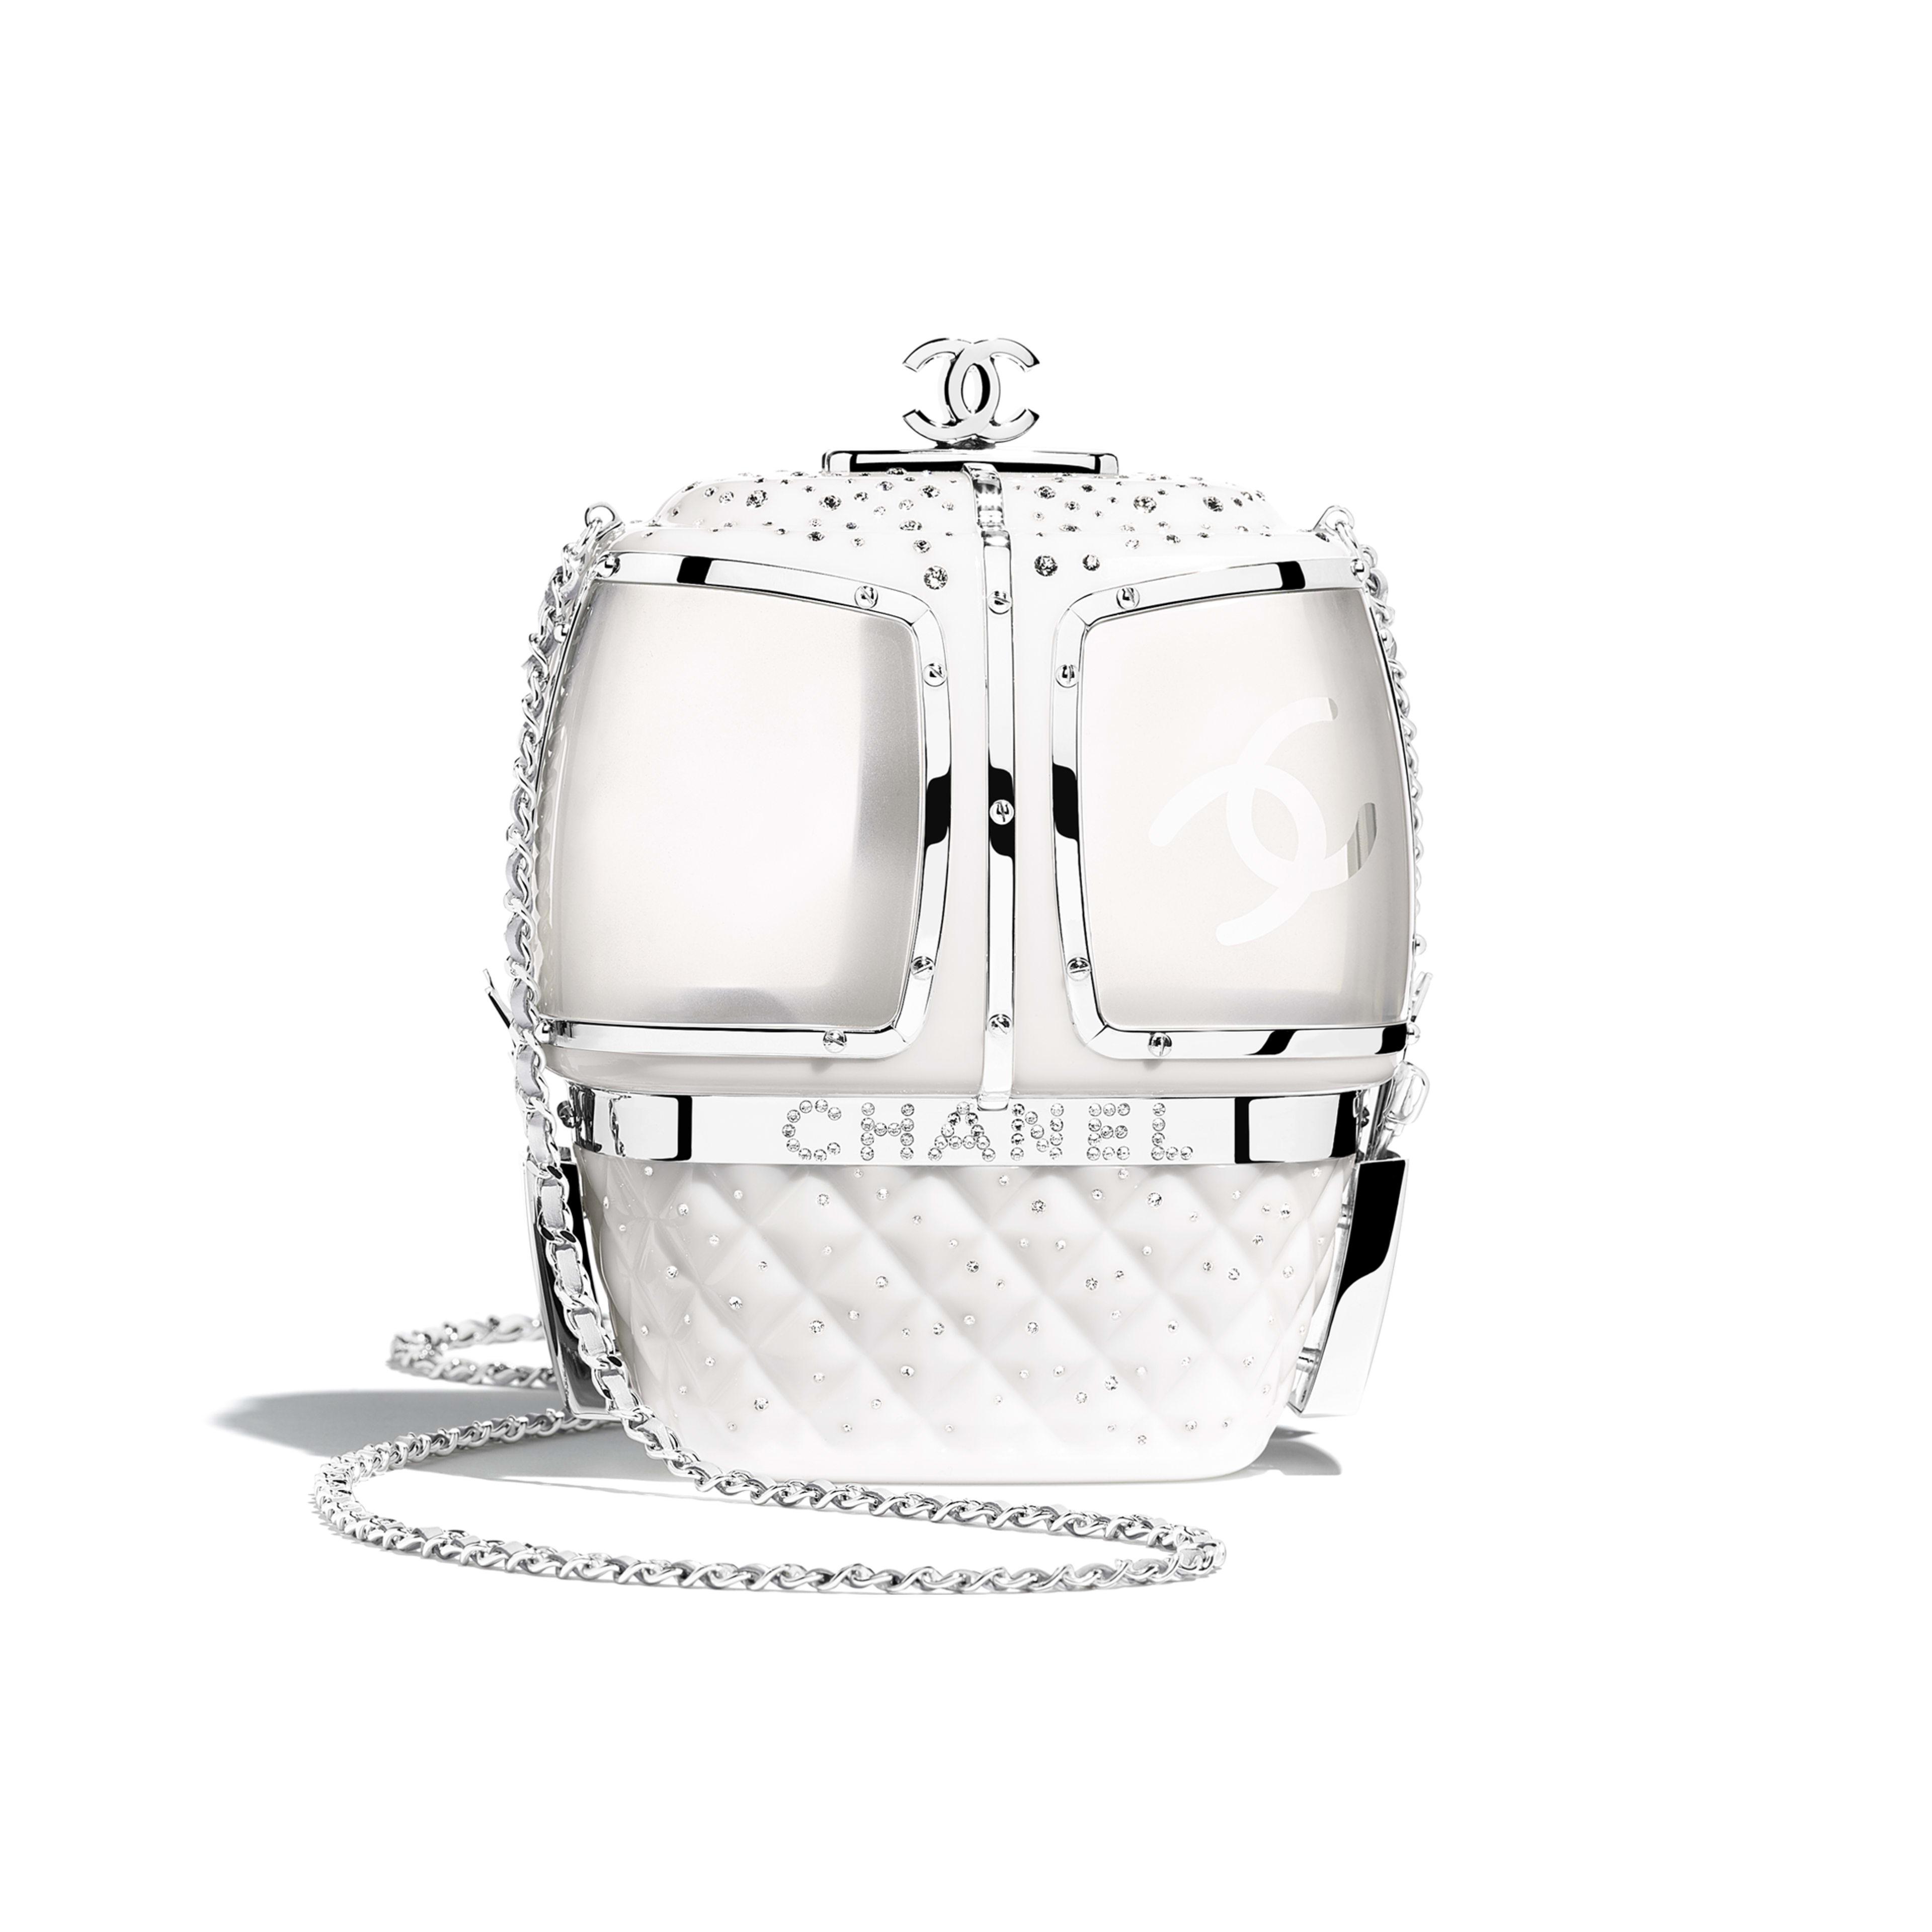 กระเป๋าสำหรับงานกลางคืน - สีขาว - เรซิน, คริสตัล และโลหะสีเงิน - มุมมองทางอื่น - ดูเวอร์ชันขนาดเต็ม